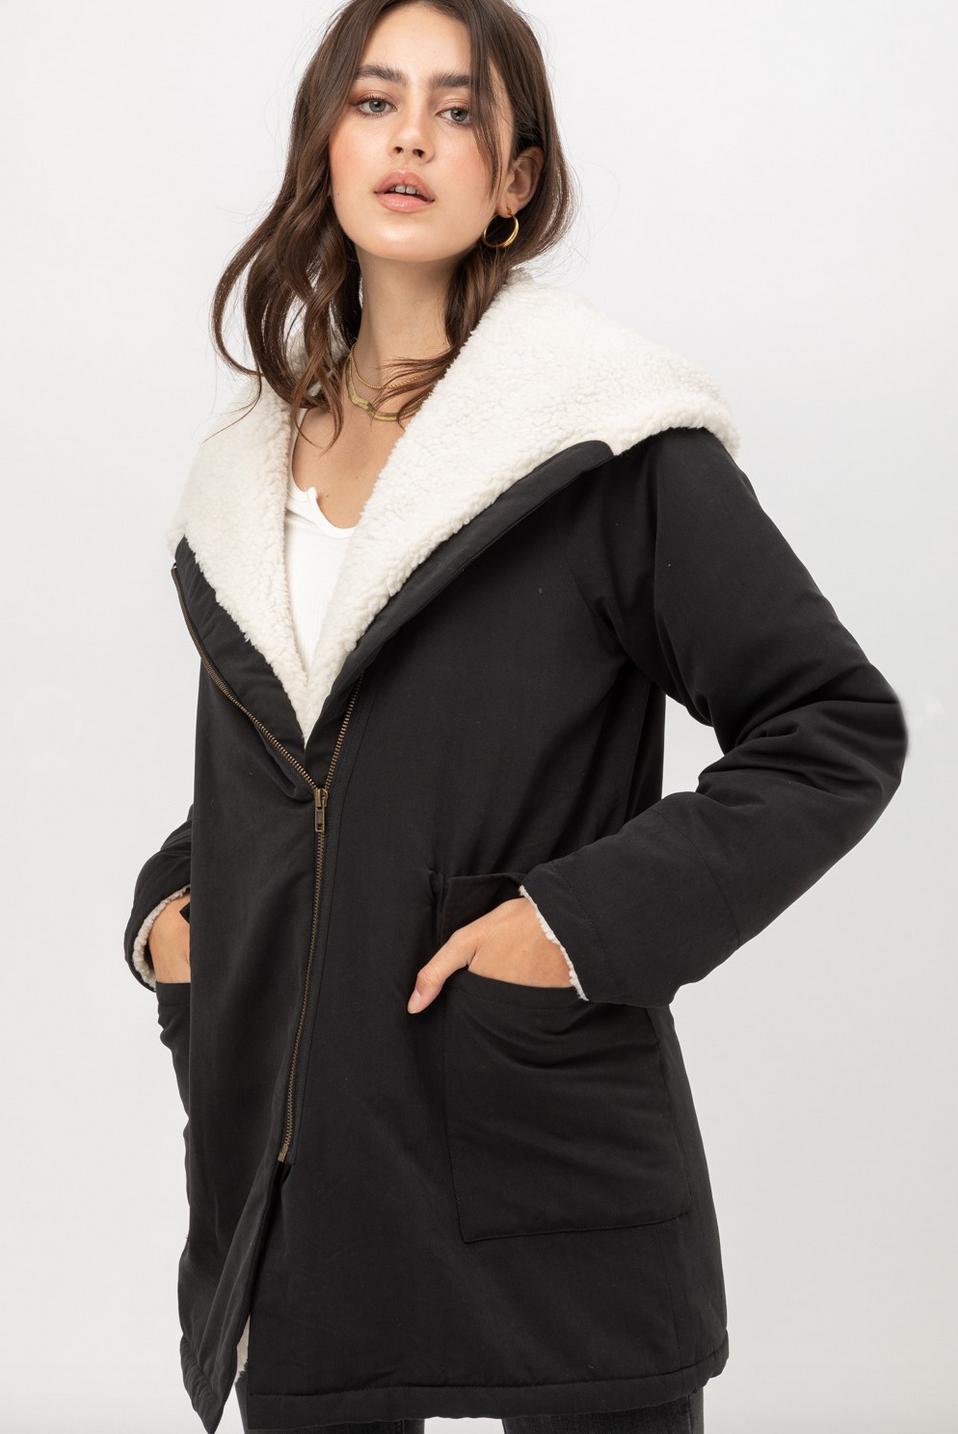 Tyra cozy coat